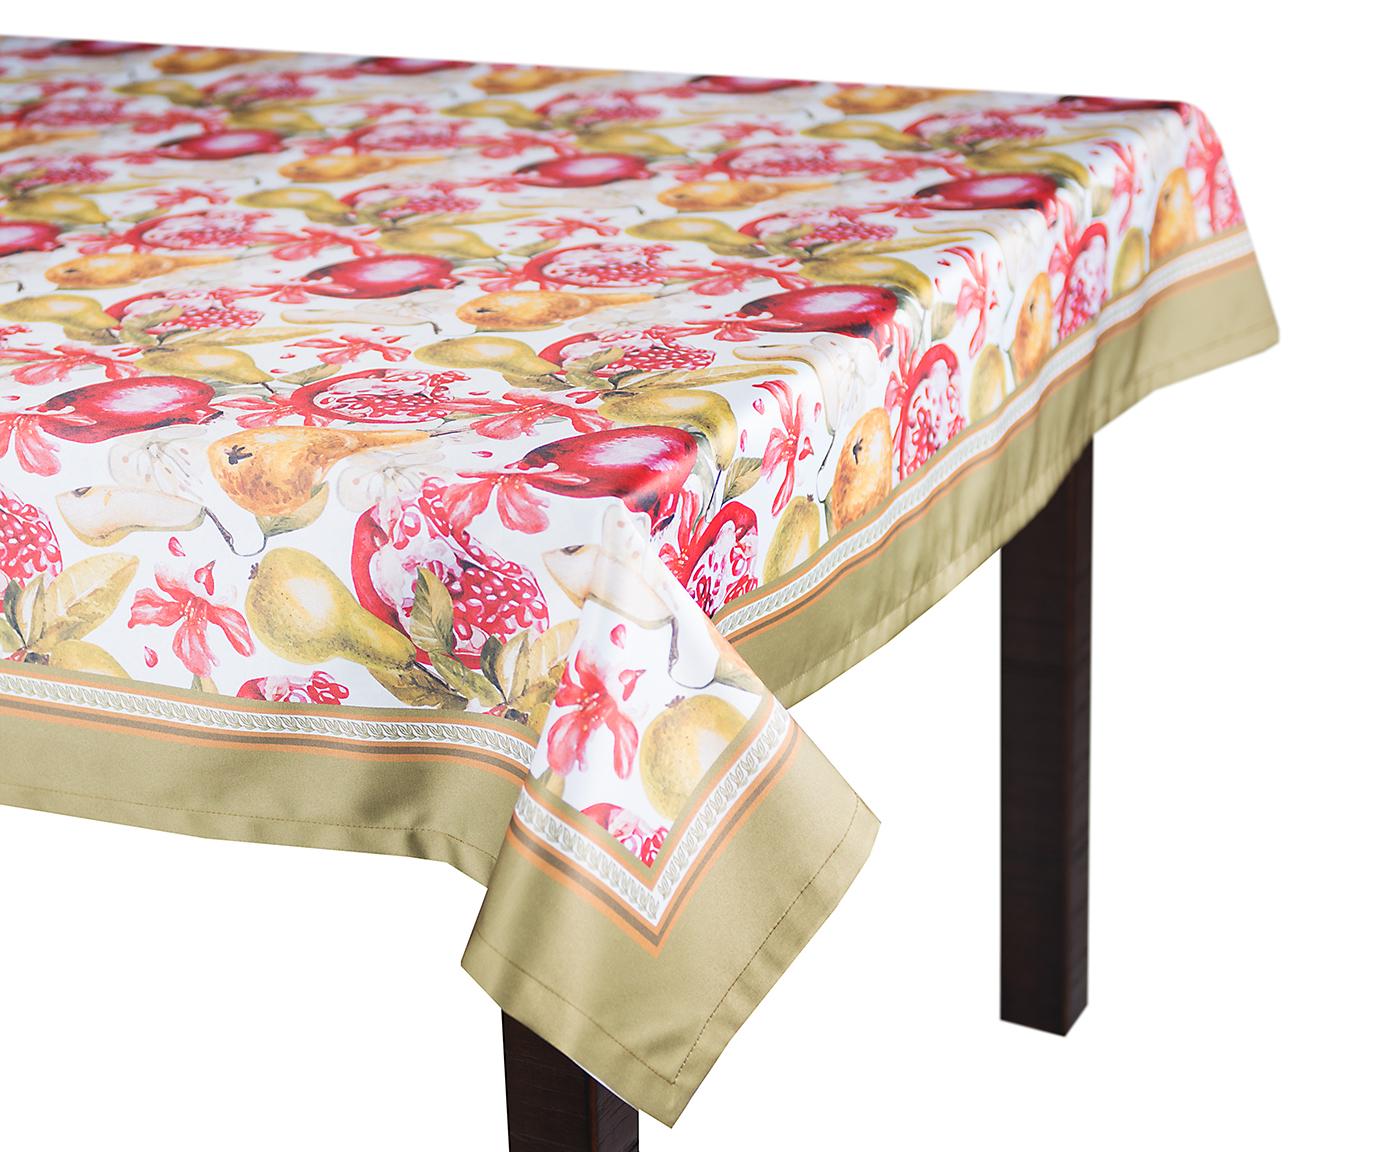 Кухня Скатерть 140x180 Blonder Home Fusion skatert-140x180-blonder-home-fusion-ssha-rossiya.jpg